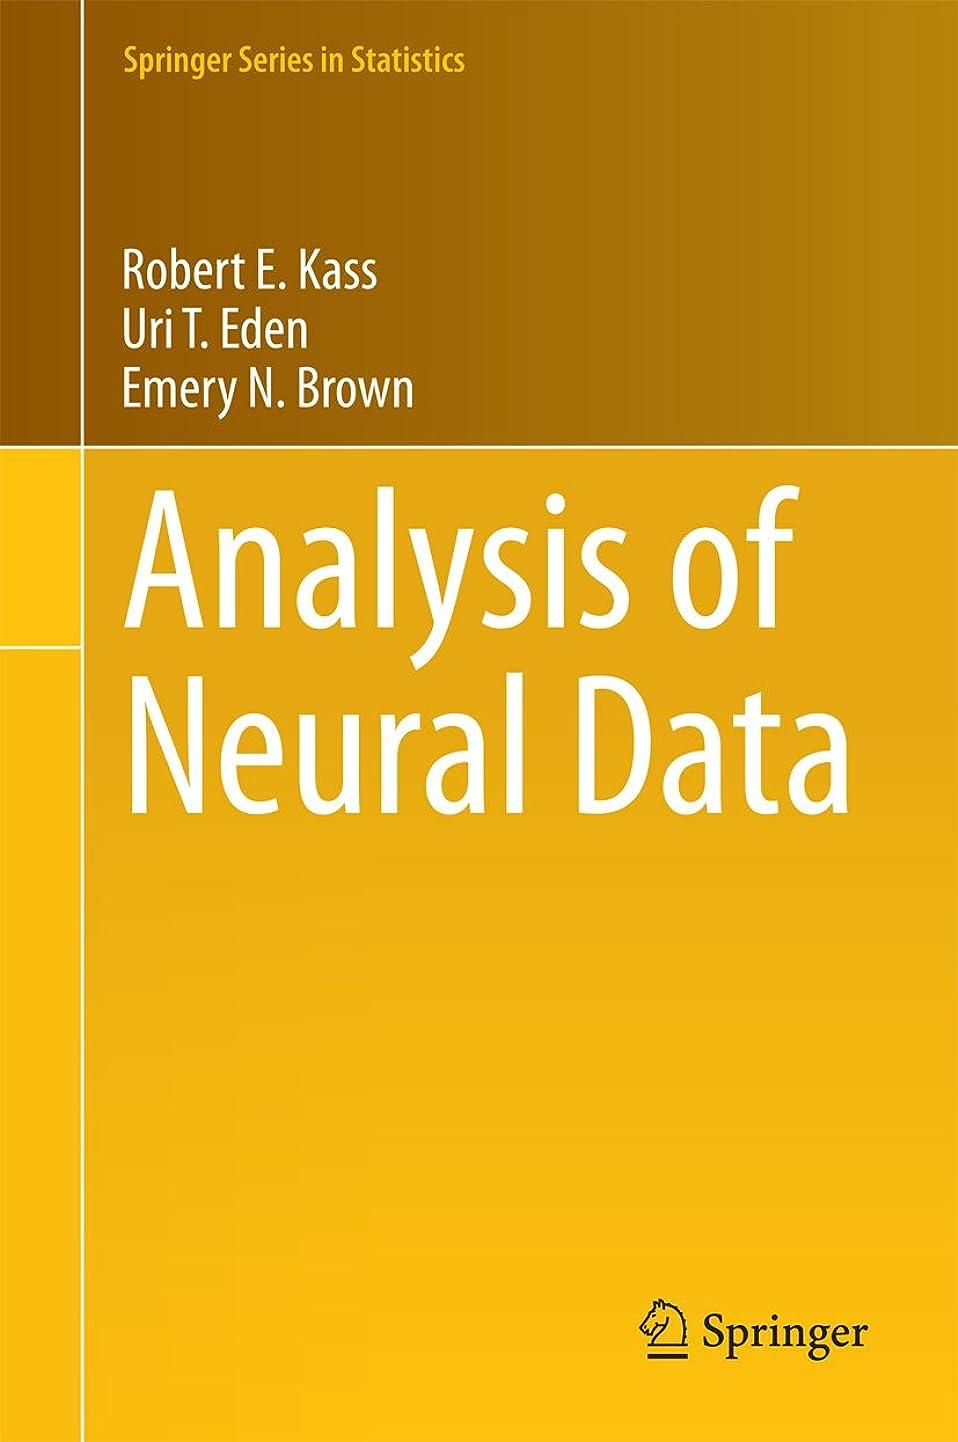 合計座標香りAnalysis of Neural Data (Springer Series in Statistics) (English Edition)